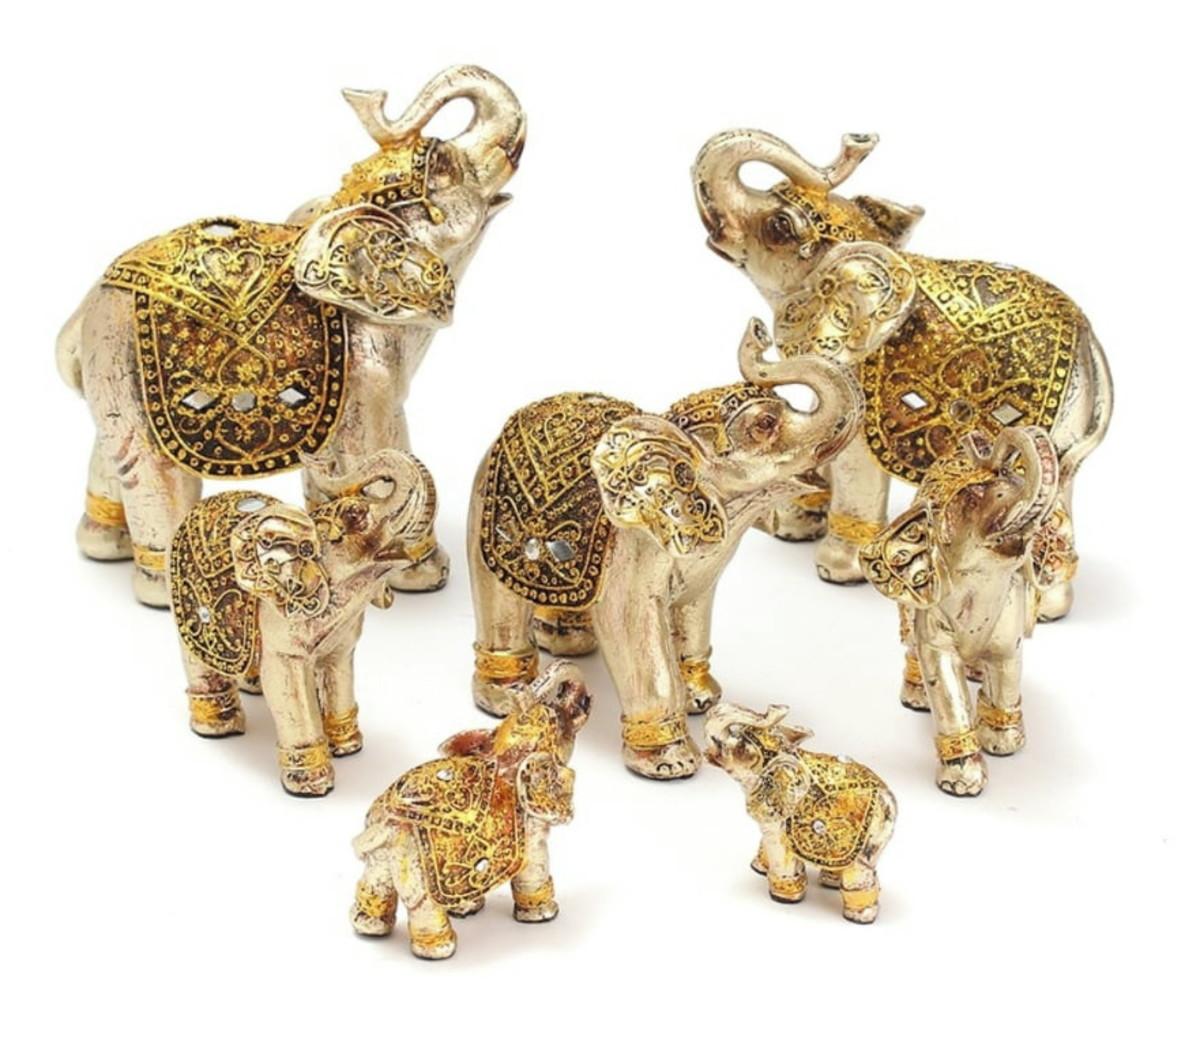 Conjunto Elefantes Da Sorte Estátuas Feng Shui no Elo7 | Althea ...